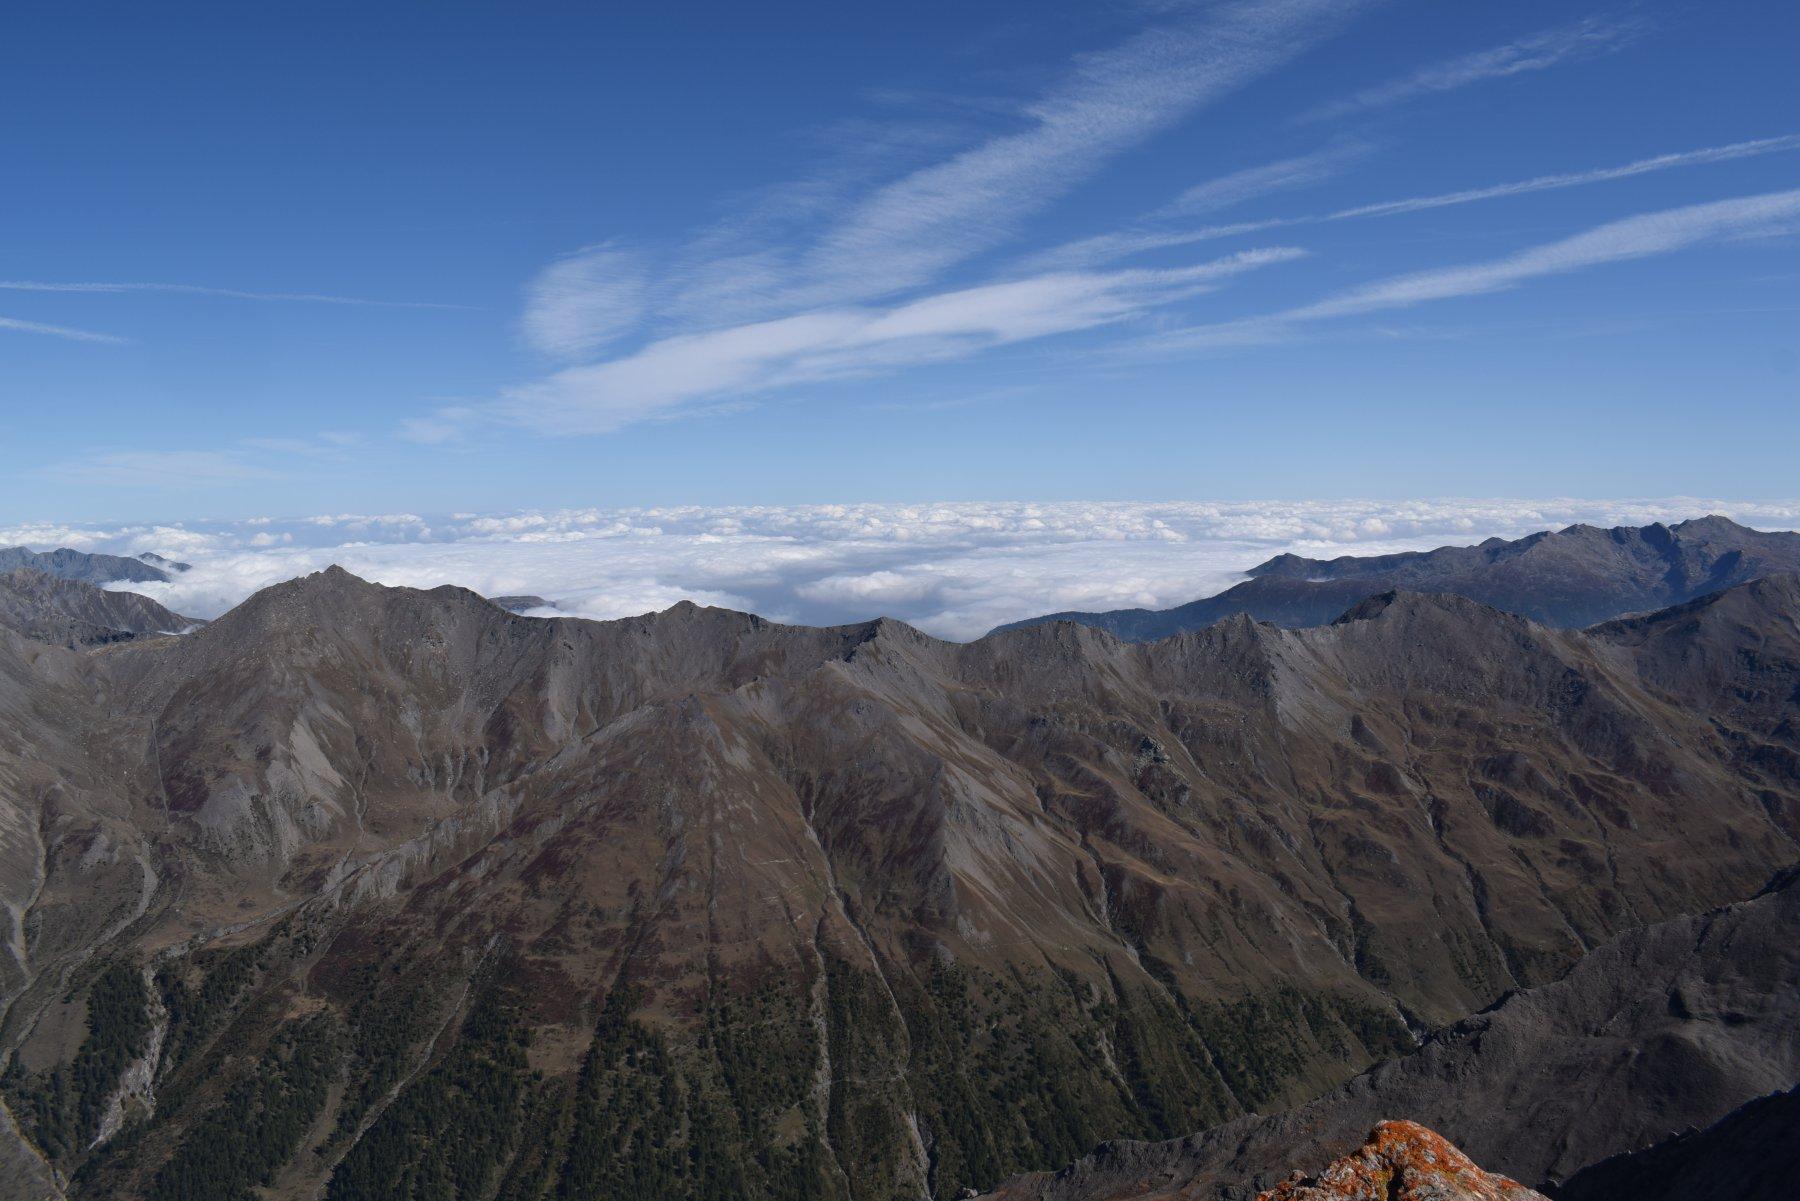 dalla punta vista verso la pianura, con mare di nuvole